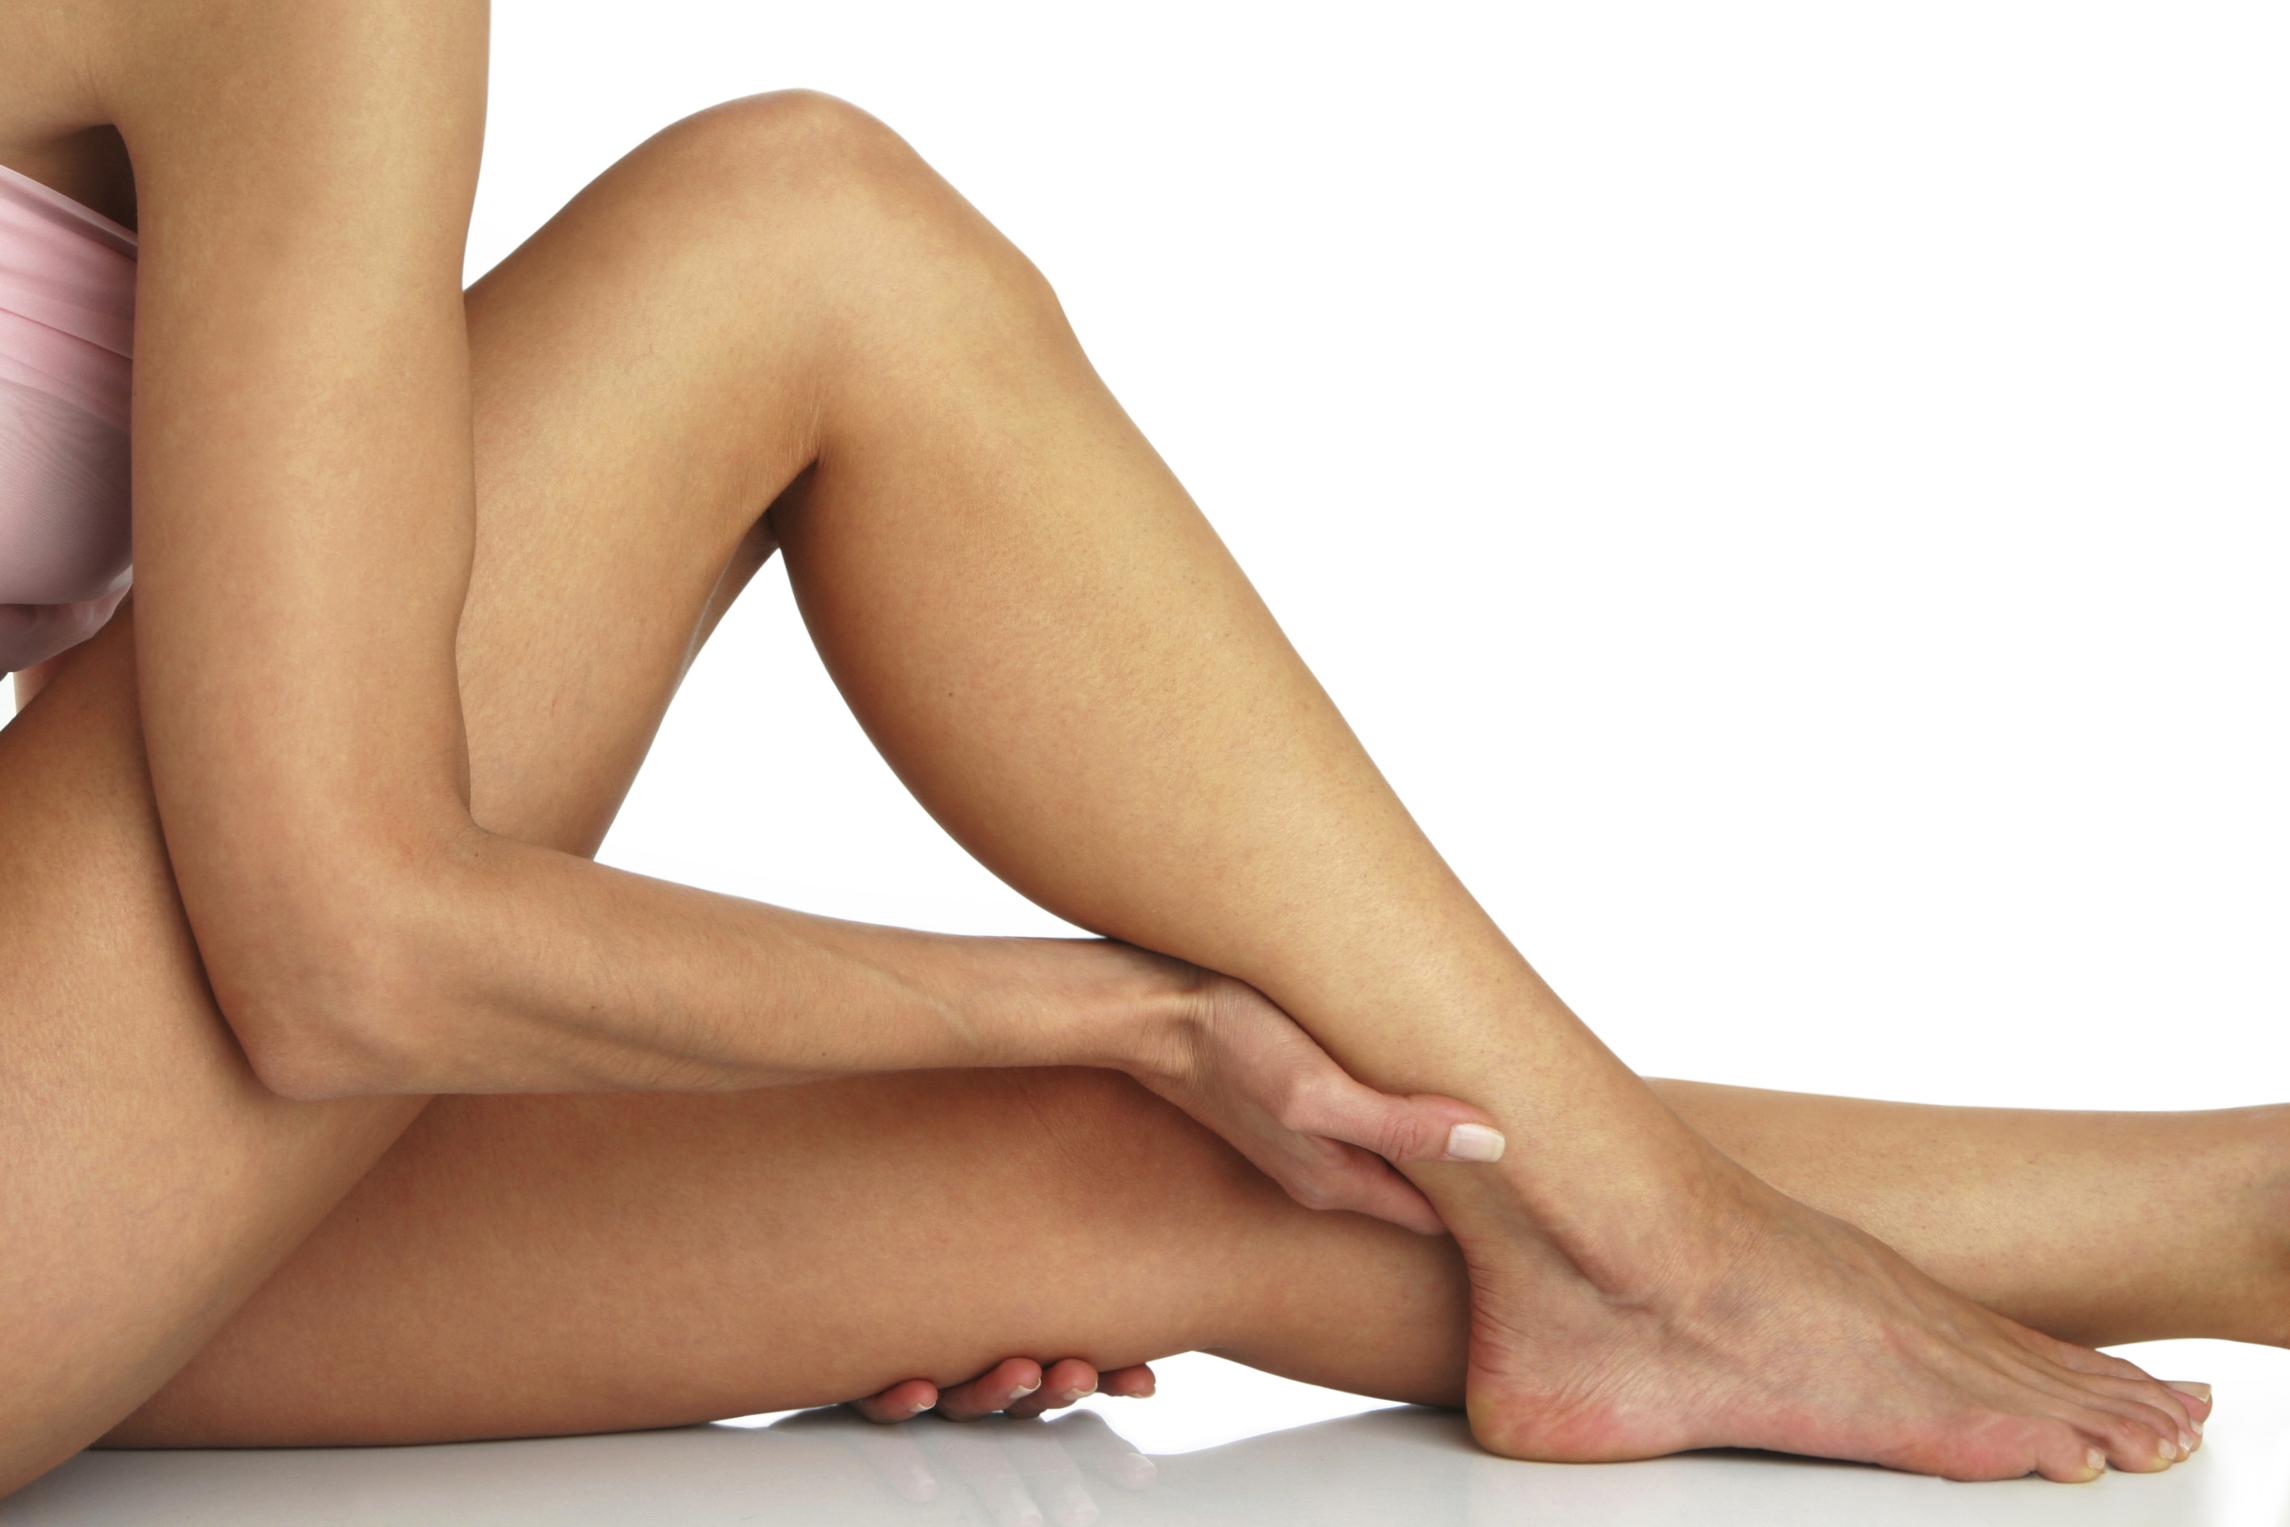 dudorok műtét után visszér injekciók a lábakban a visszér ár